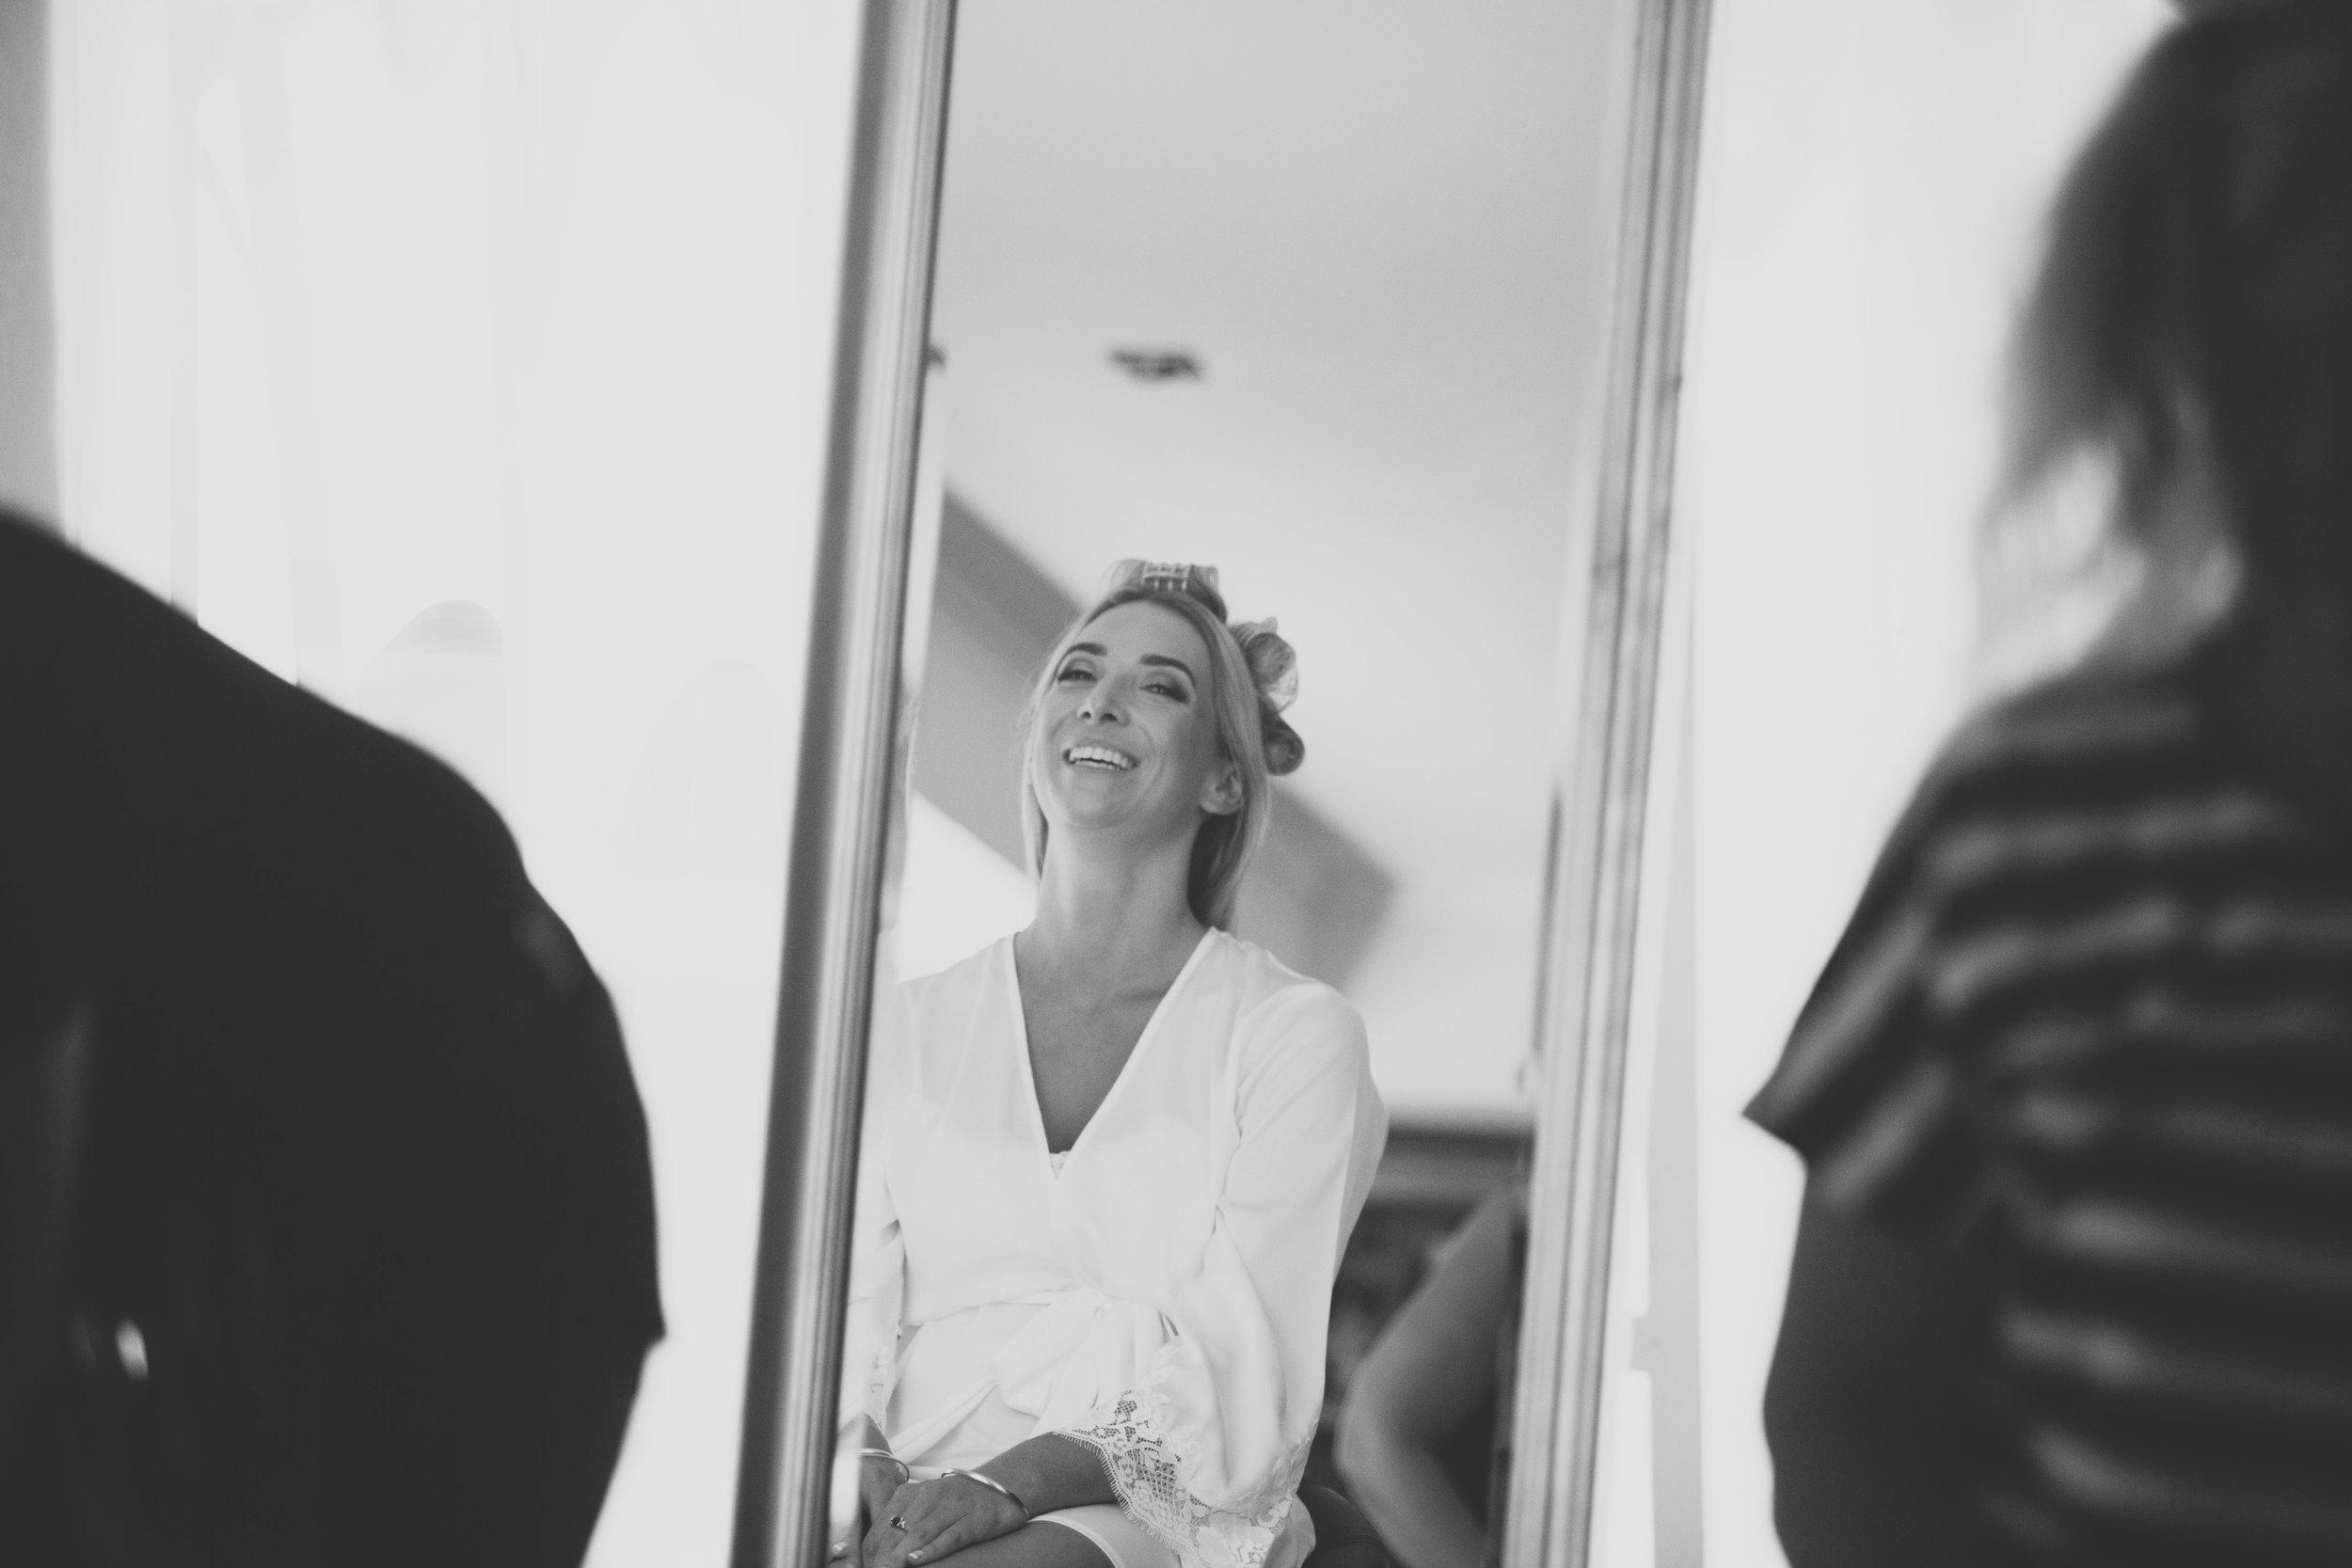 wedding-makeup-hair-bride-7.jpg